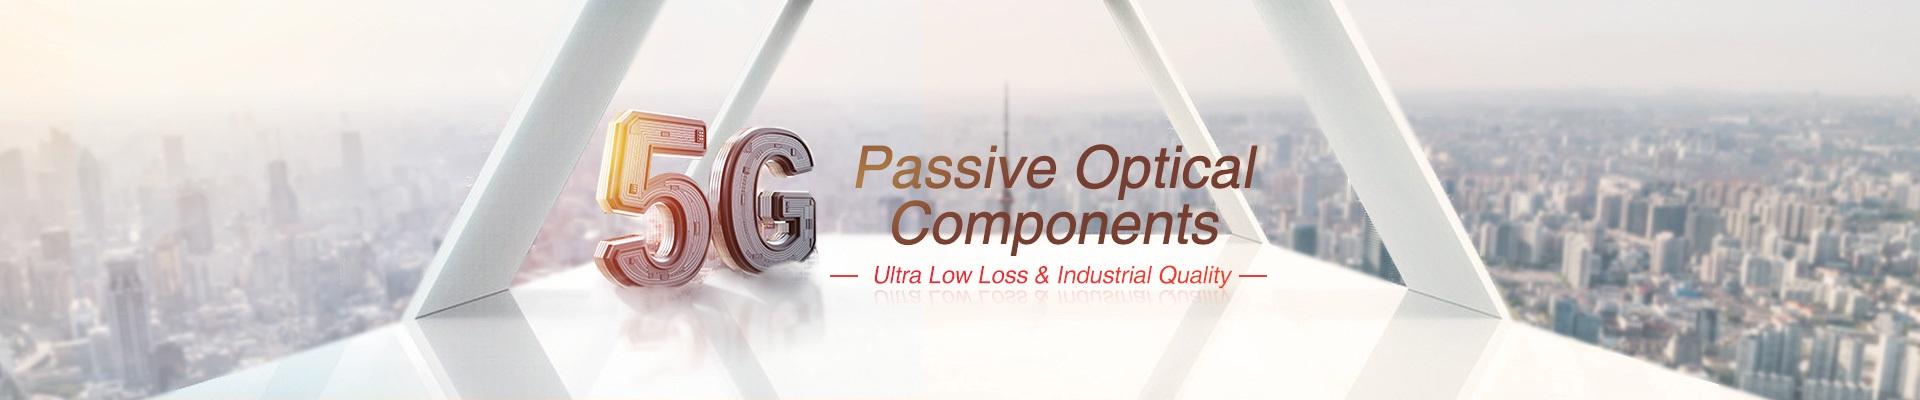 Componenti ottici passivi: WDM passivo / CWDM / DWDM, CCWDM, AAWG, Splitter PLC ecc.